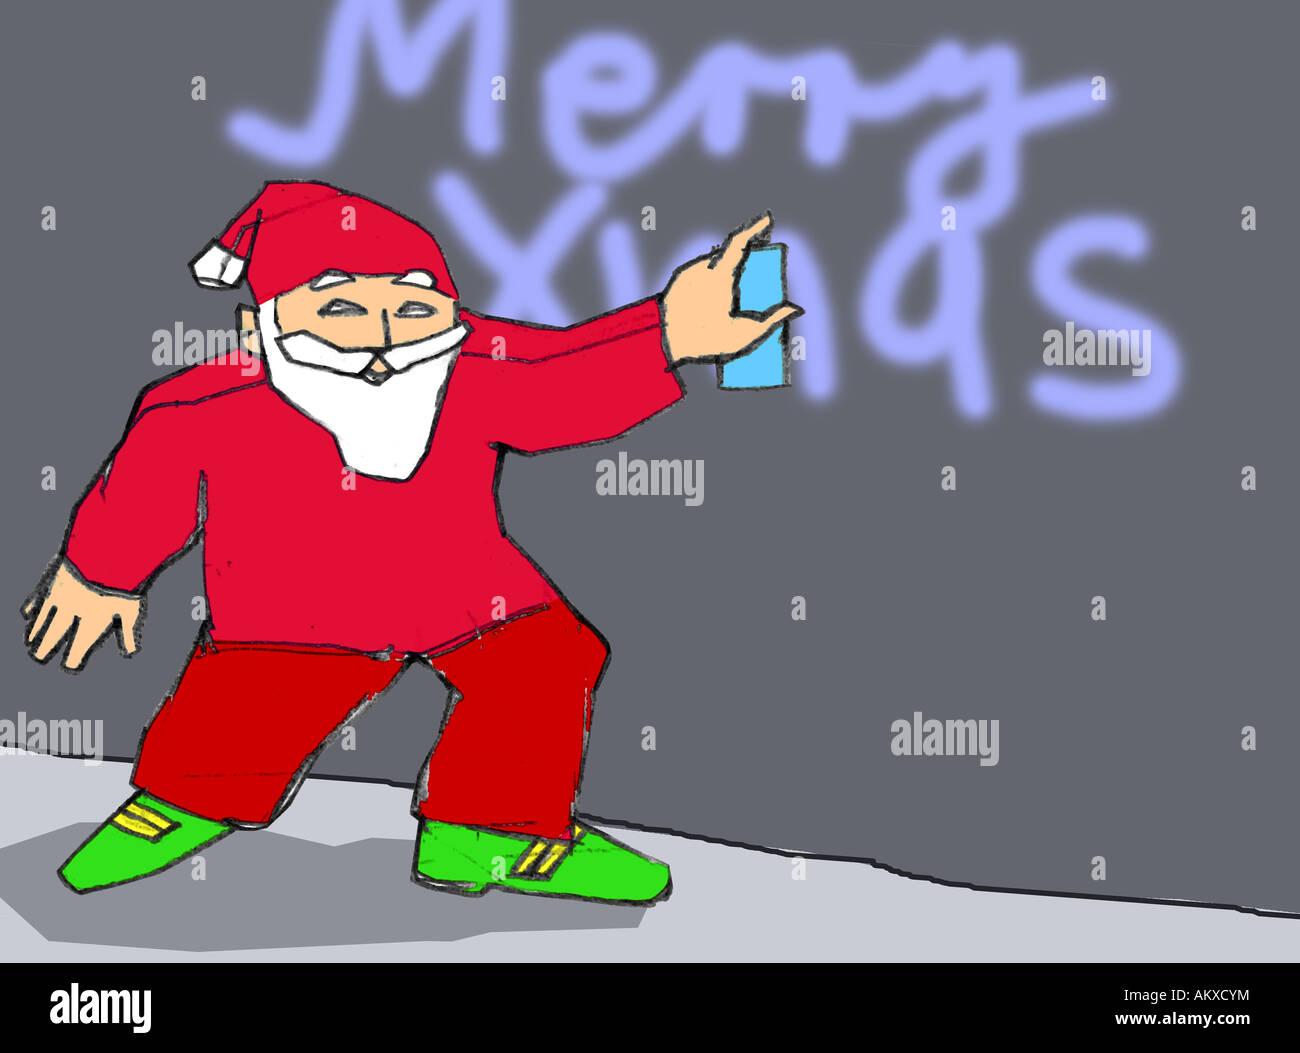 La spruzzatura di Santa Claus, illustrazione Immagini Stock